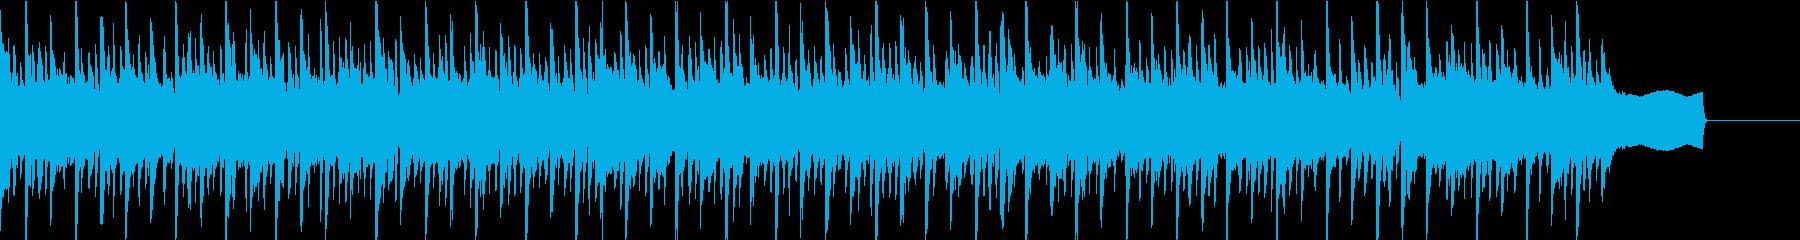 ポップ テクノの再生済みの波形